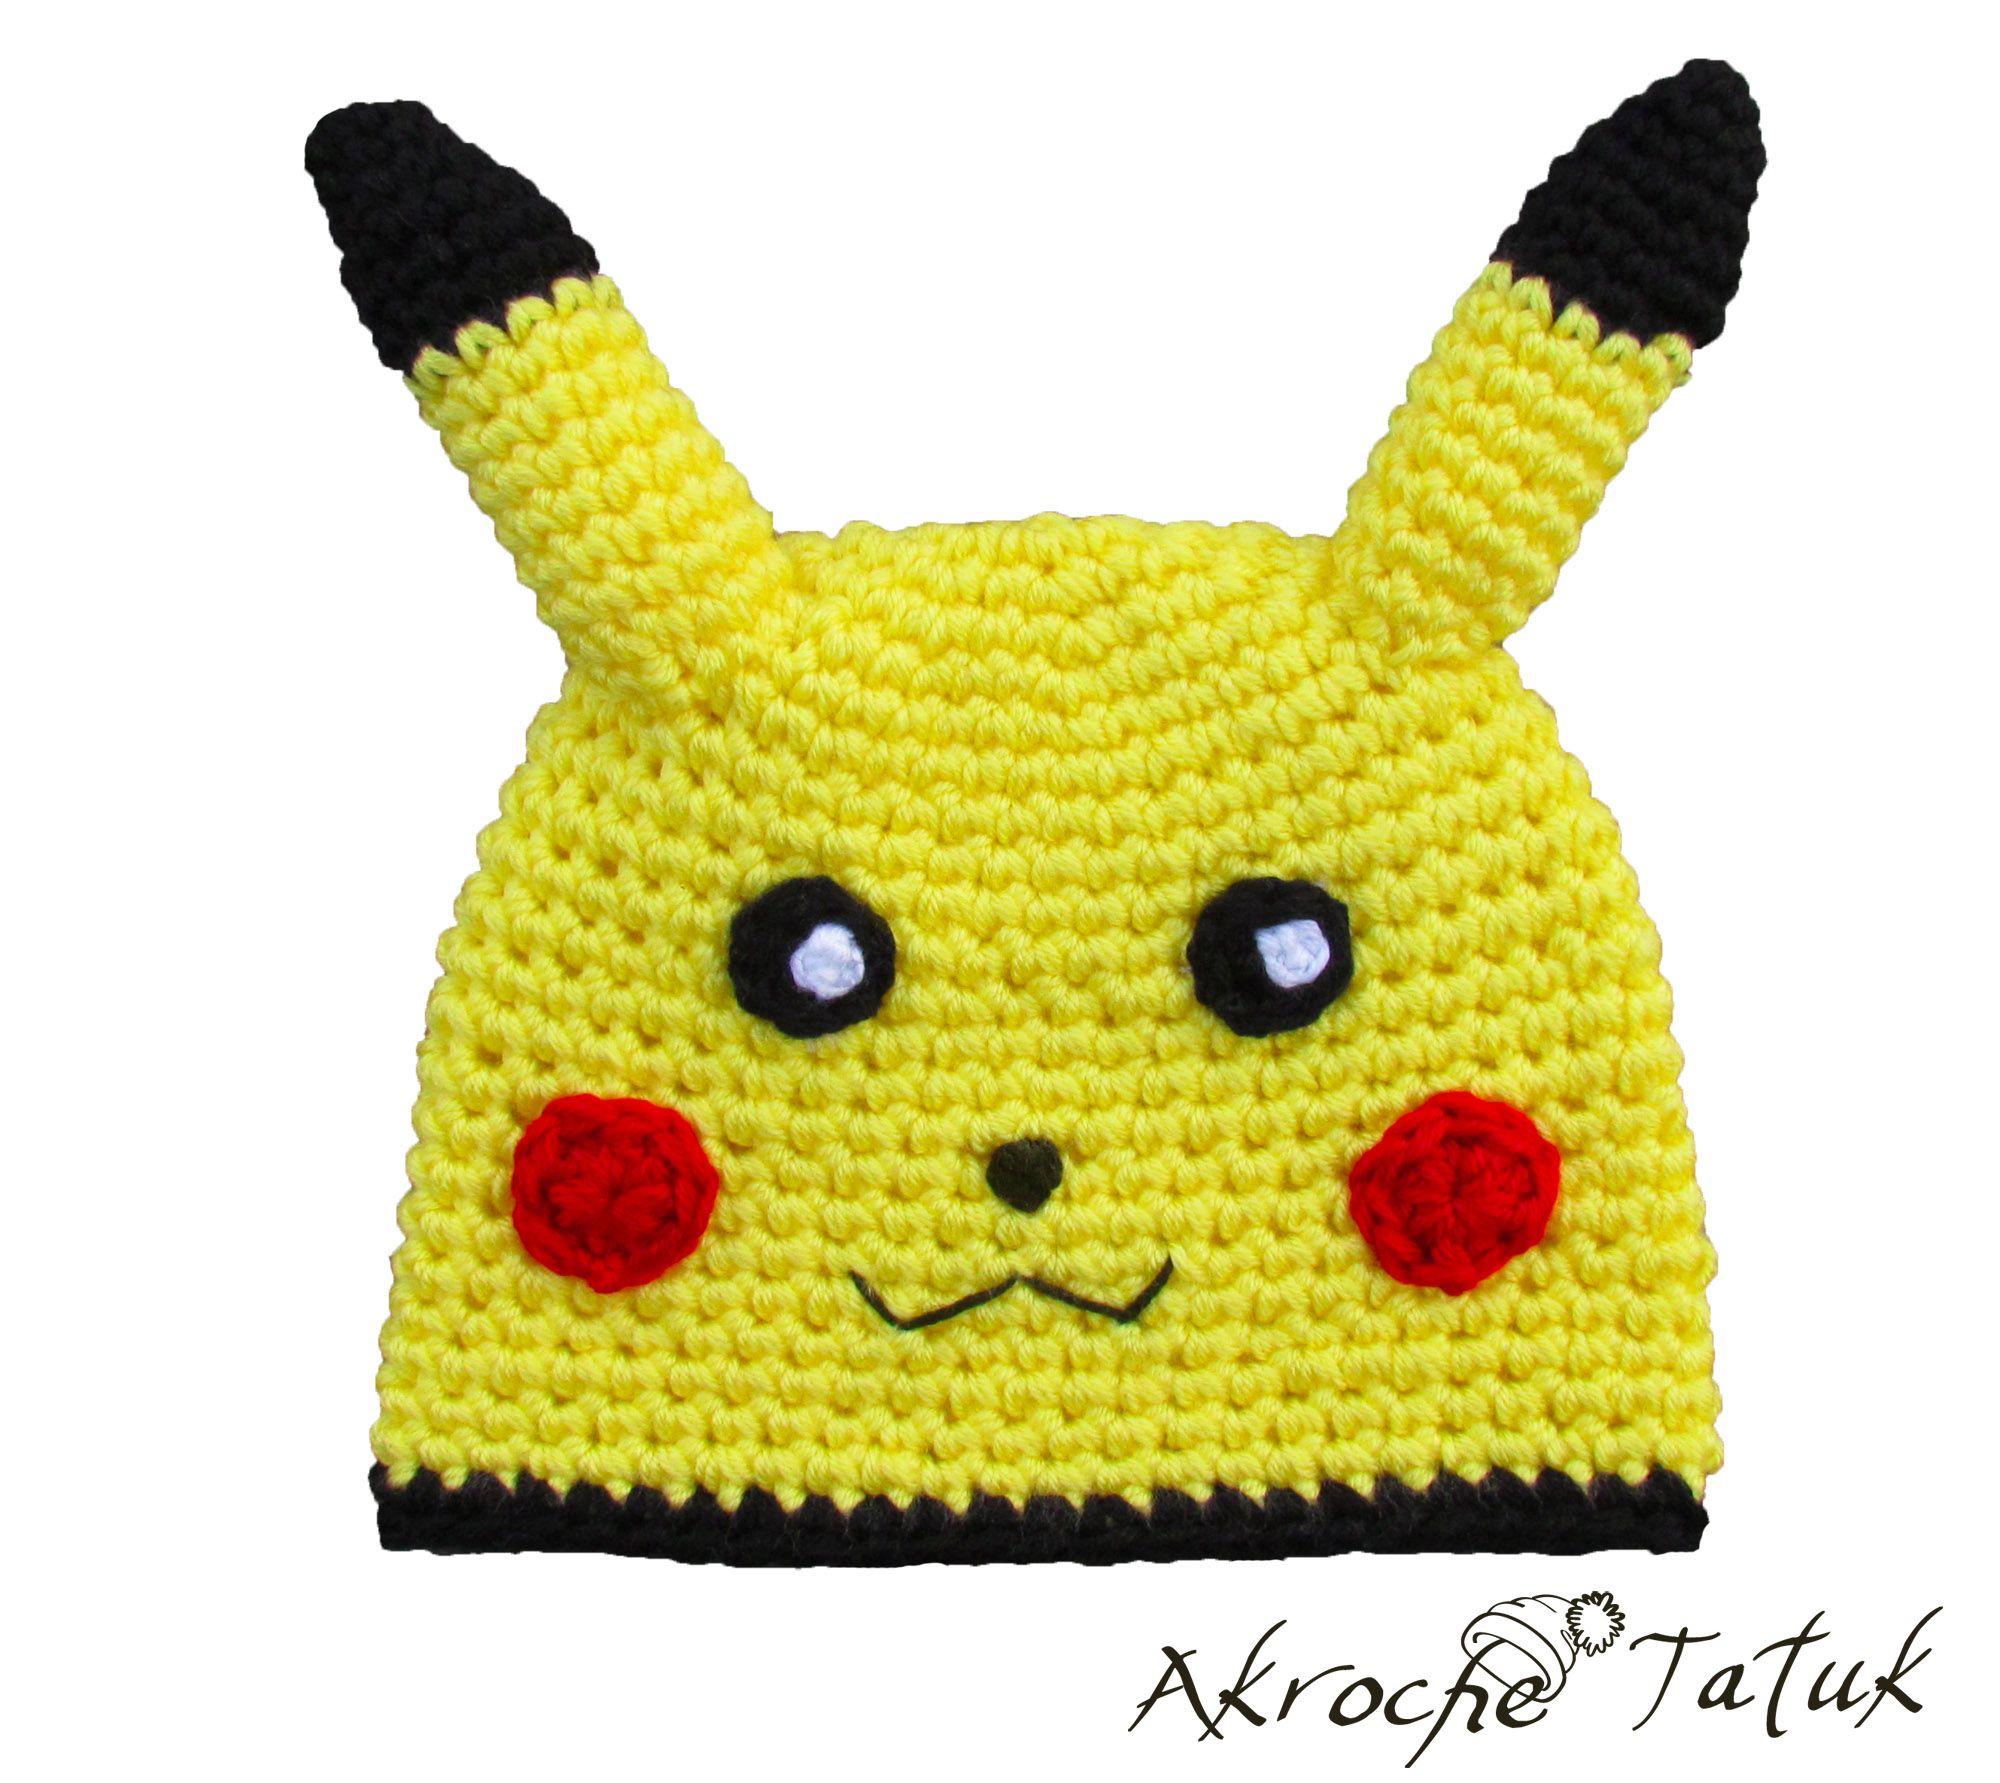 Tuque Pikachu Pikachu crochet hat   Hat Costume   Pinterest ...